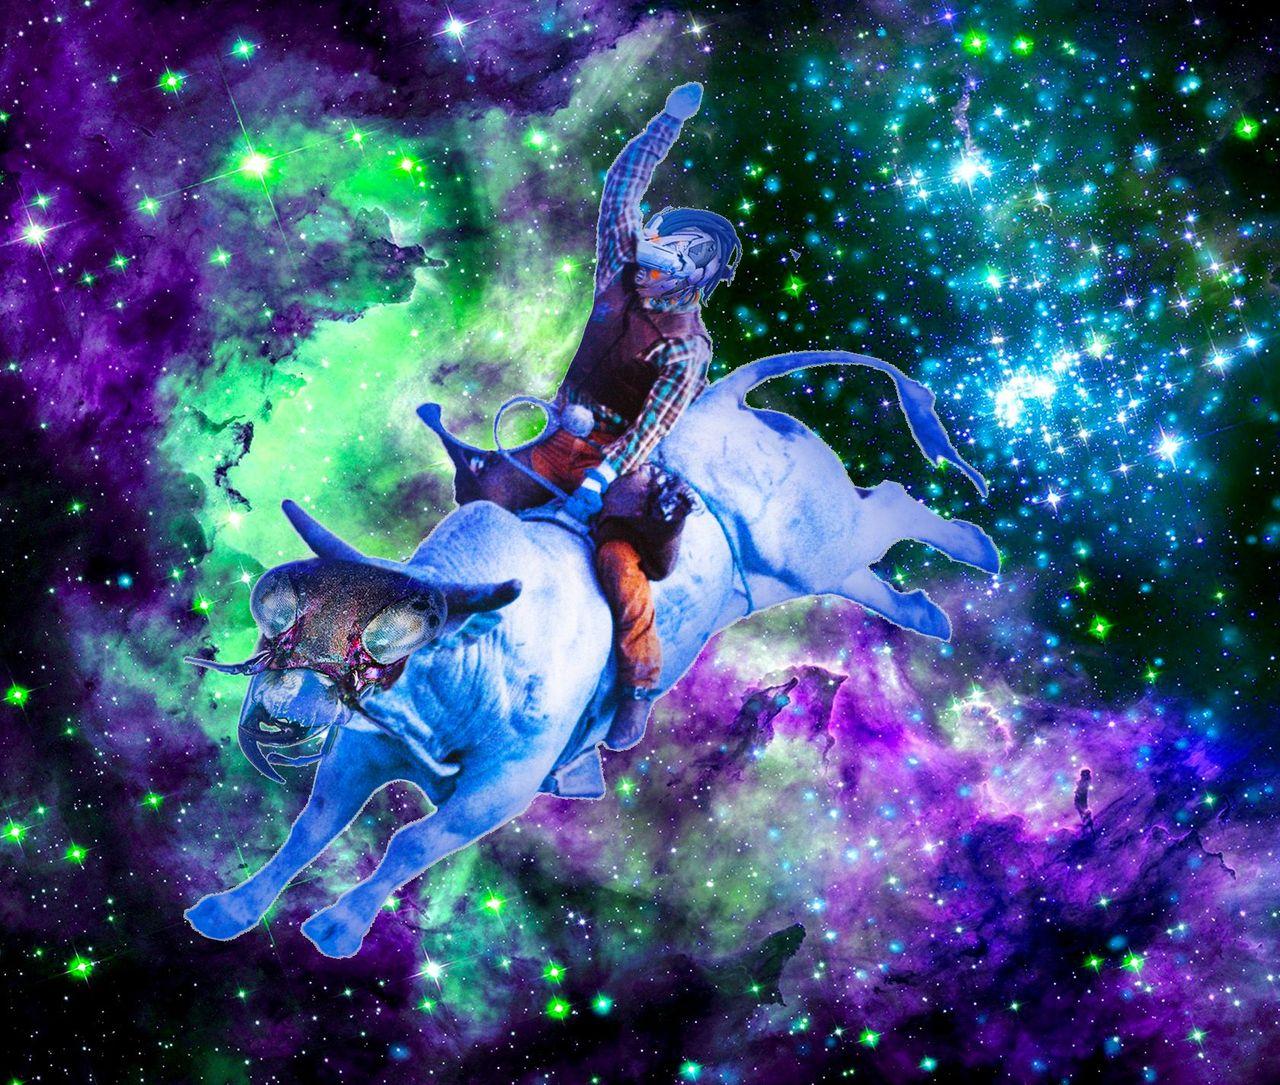 47_space_rodeo.jpg